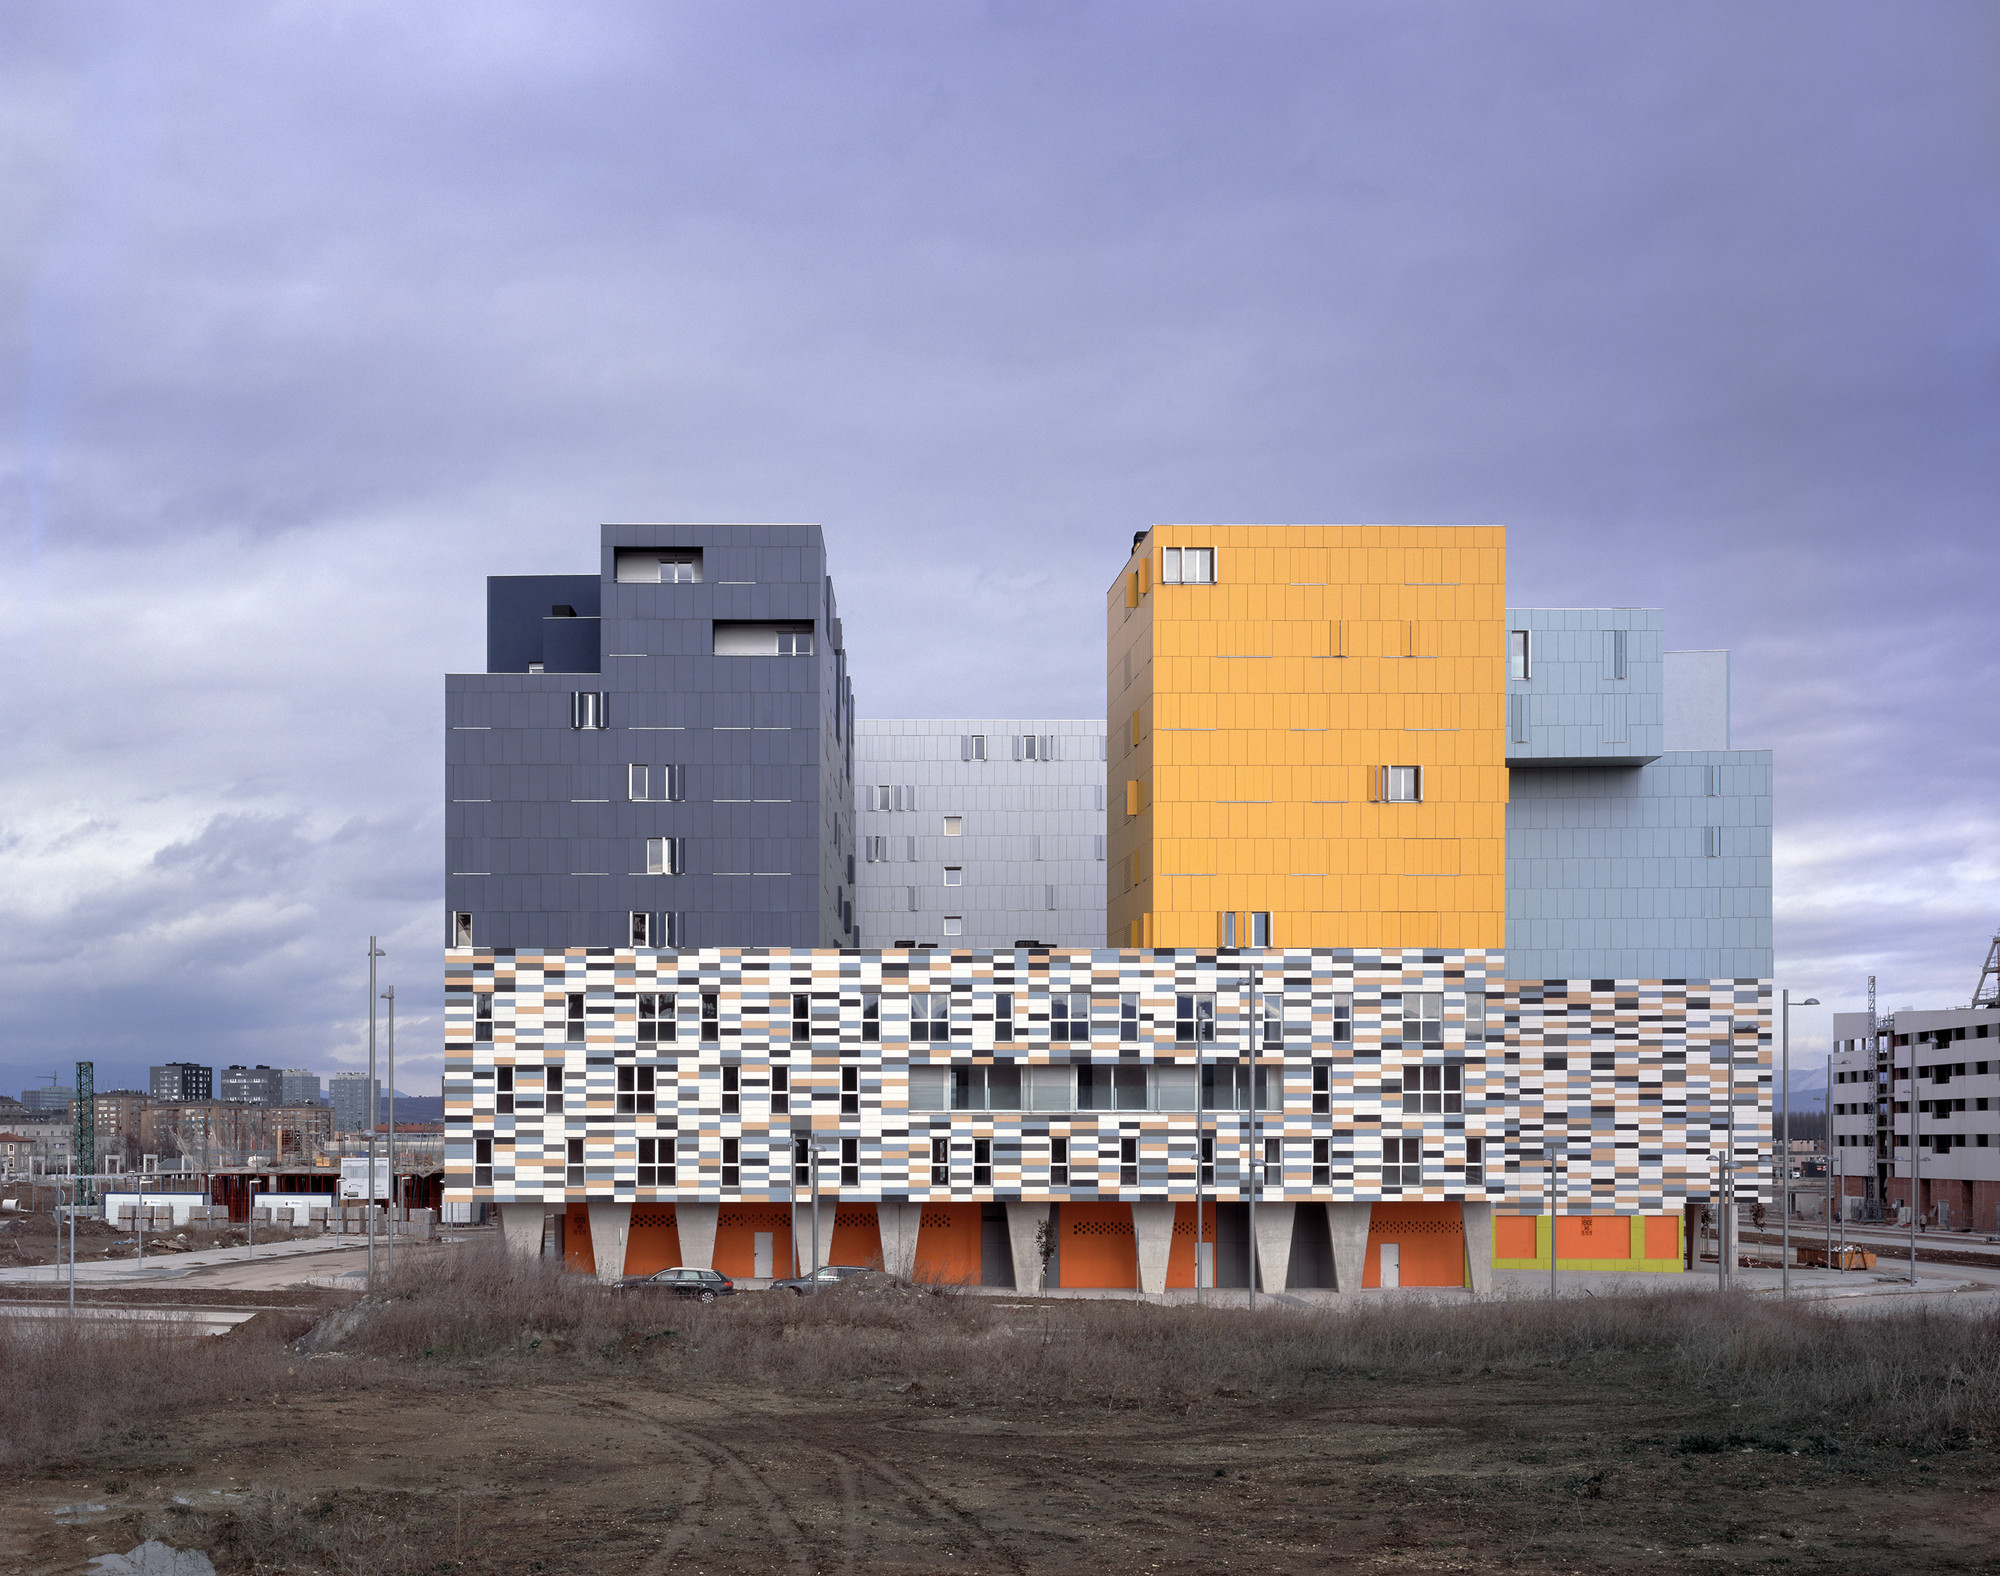 177 Social Housing In Vitoria  / Matos-Castillo Arquitectos, © Hisao Suzuki